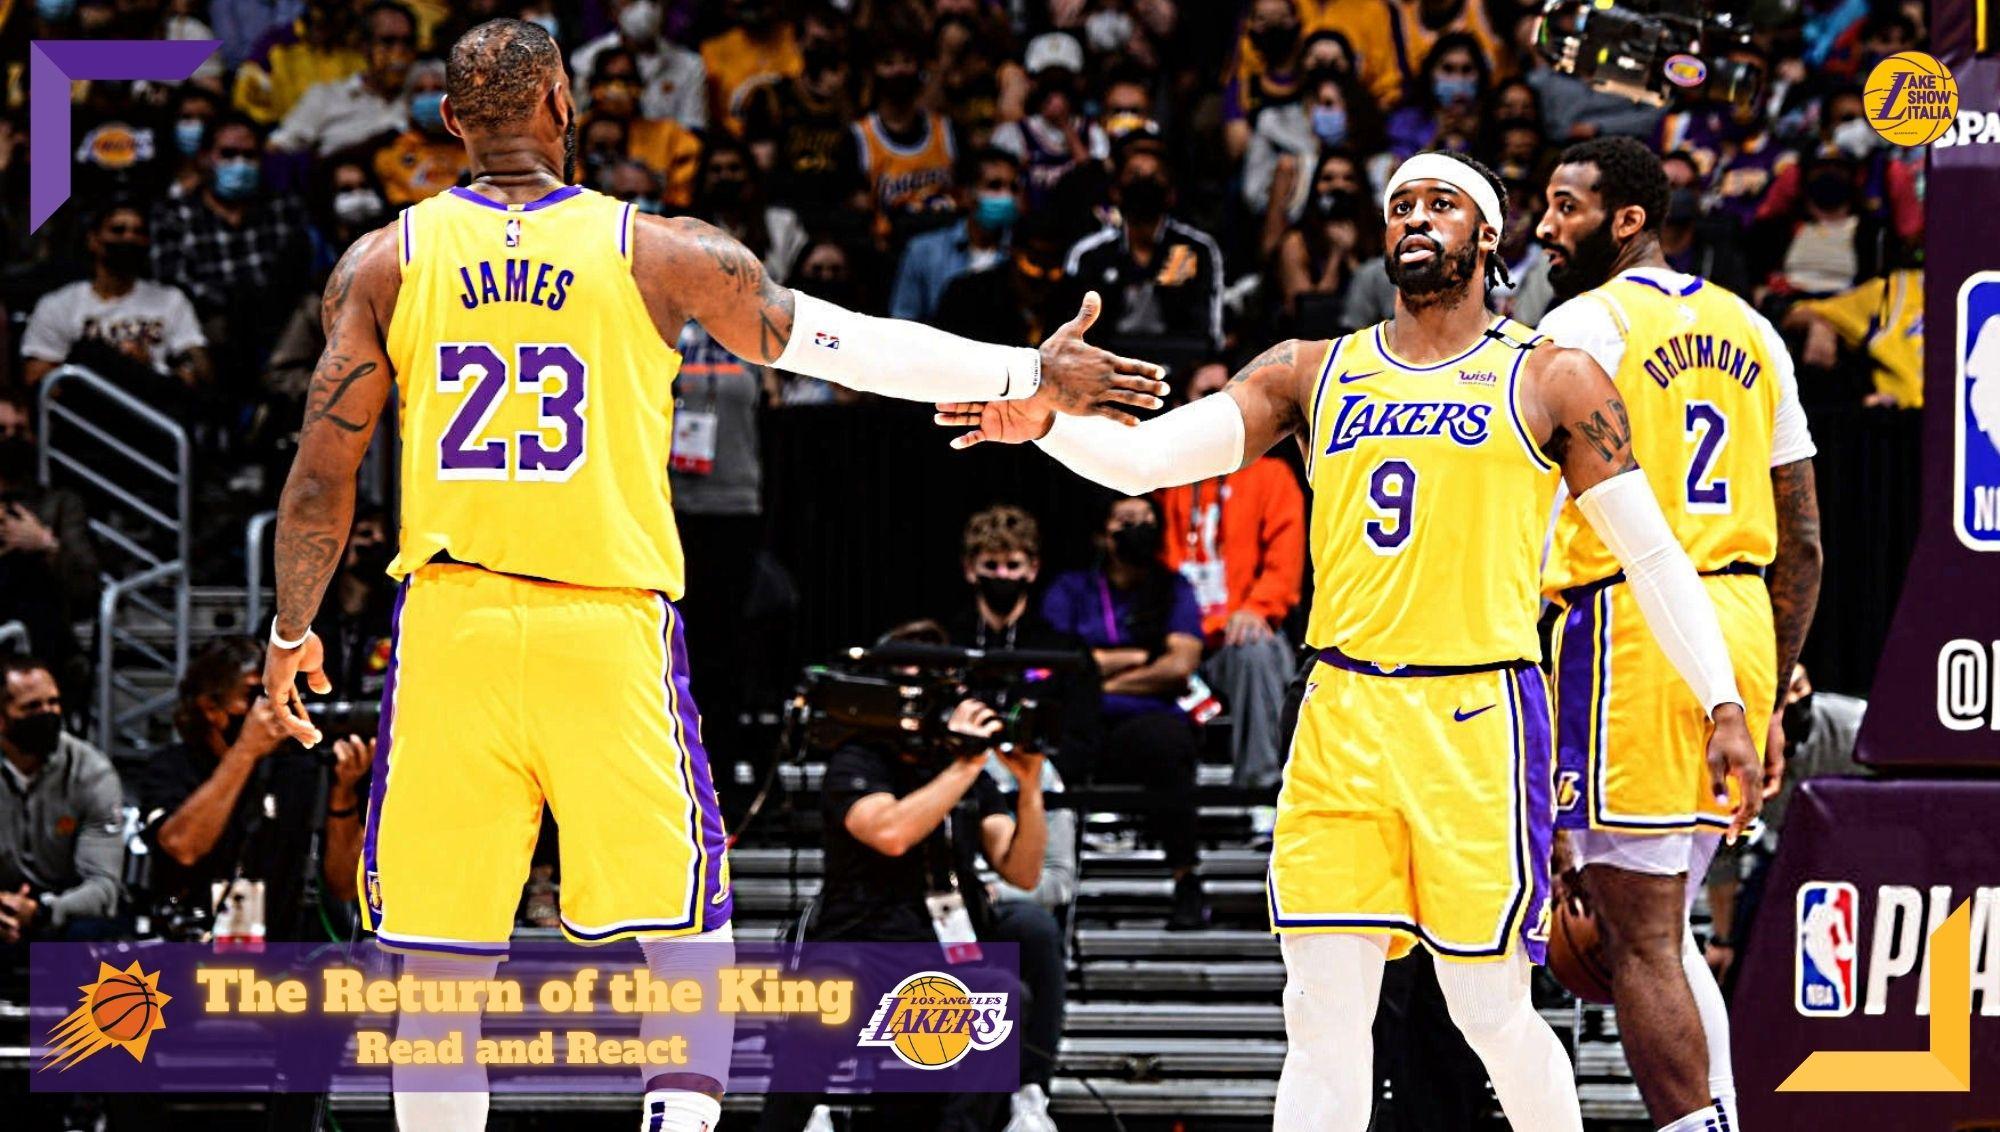 Il terzo quarto esplosivo di James & Davis e il breakdown della prova difensiva di Matthews nella vittoria dei Lakers in gara 3 contro i Suns.